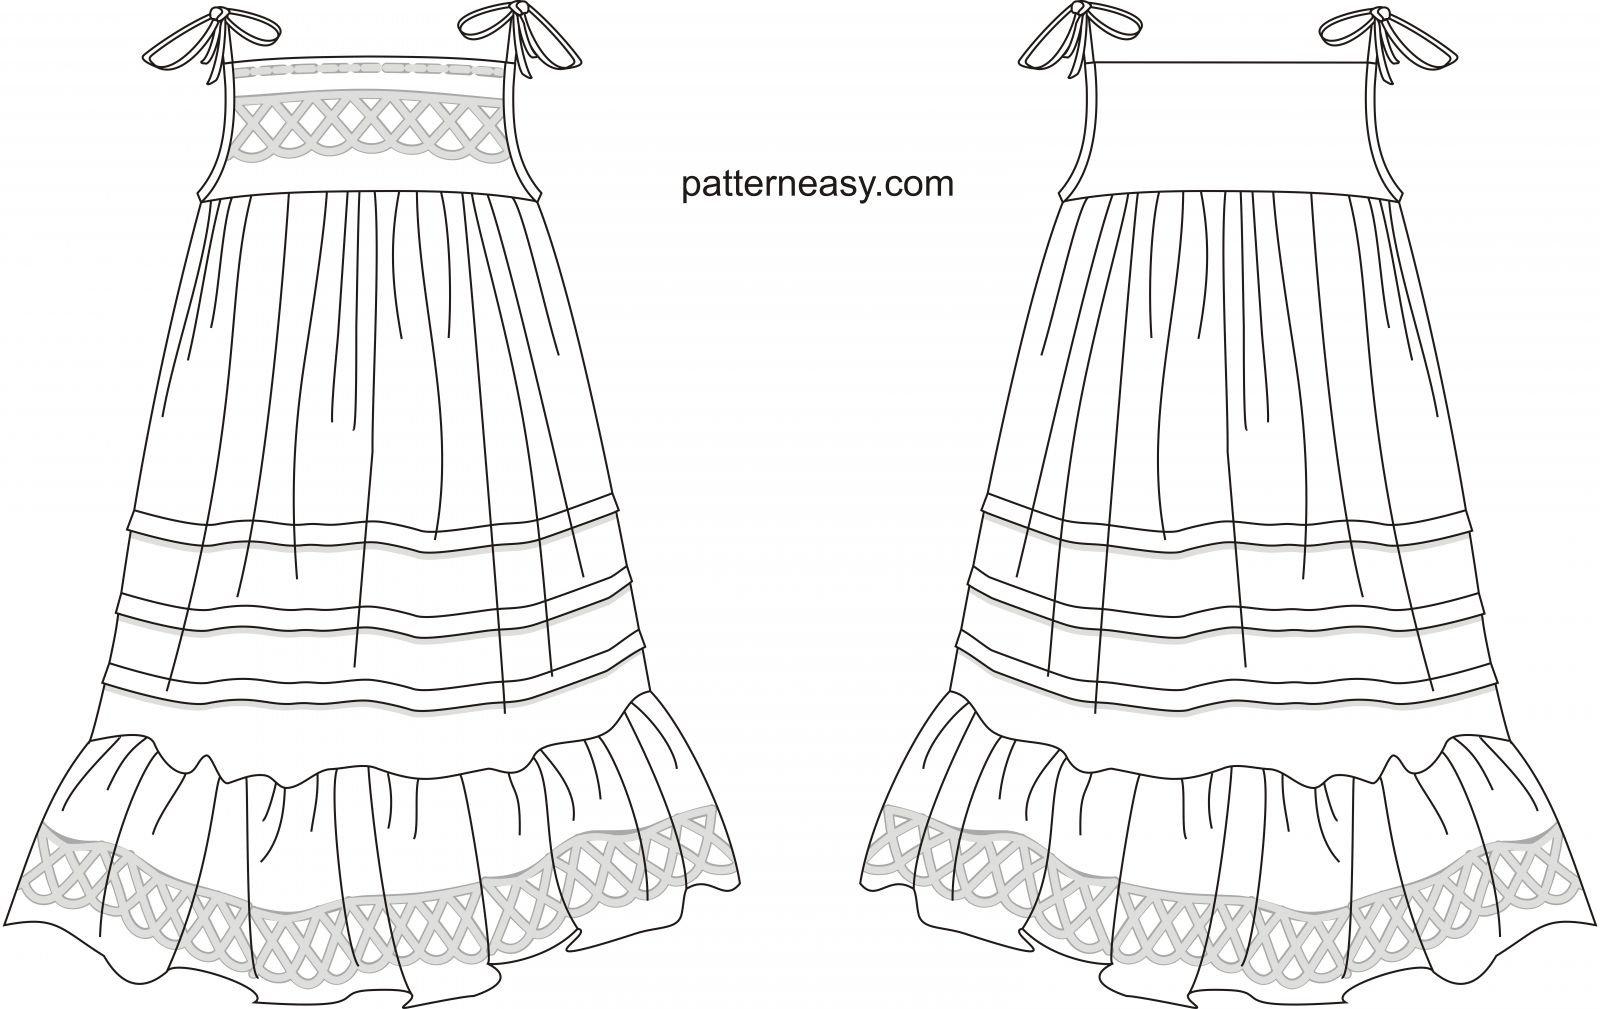 Выкройка платья на беби бона в натуральную величину